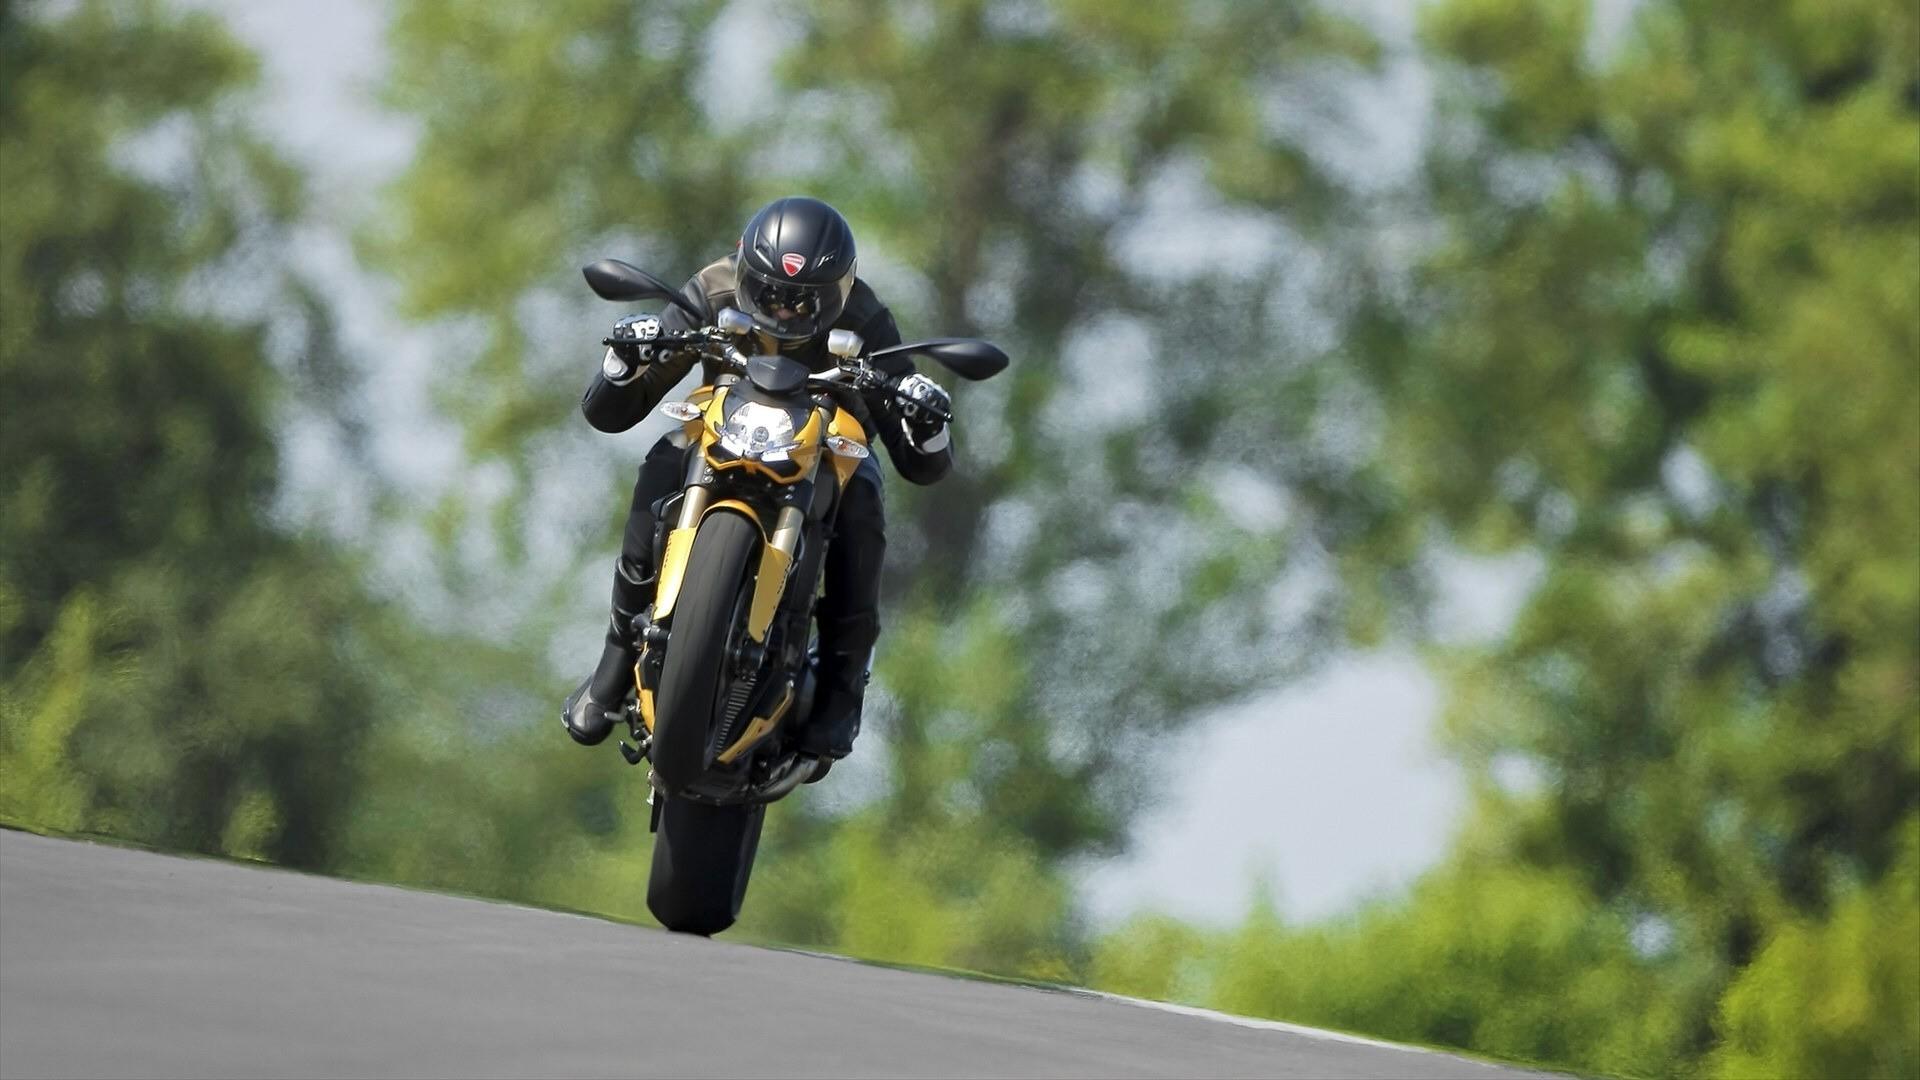 Мотоцикл Ducati море  № 3435470 бесплатно